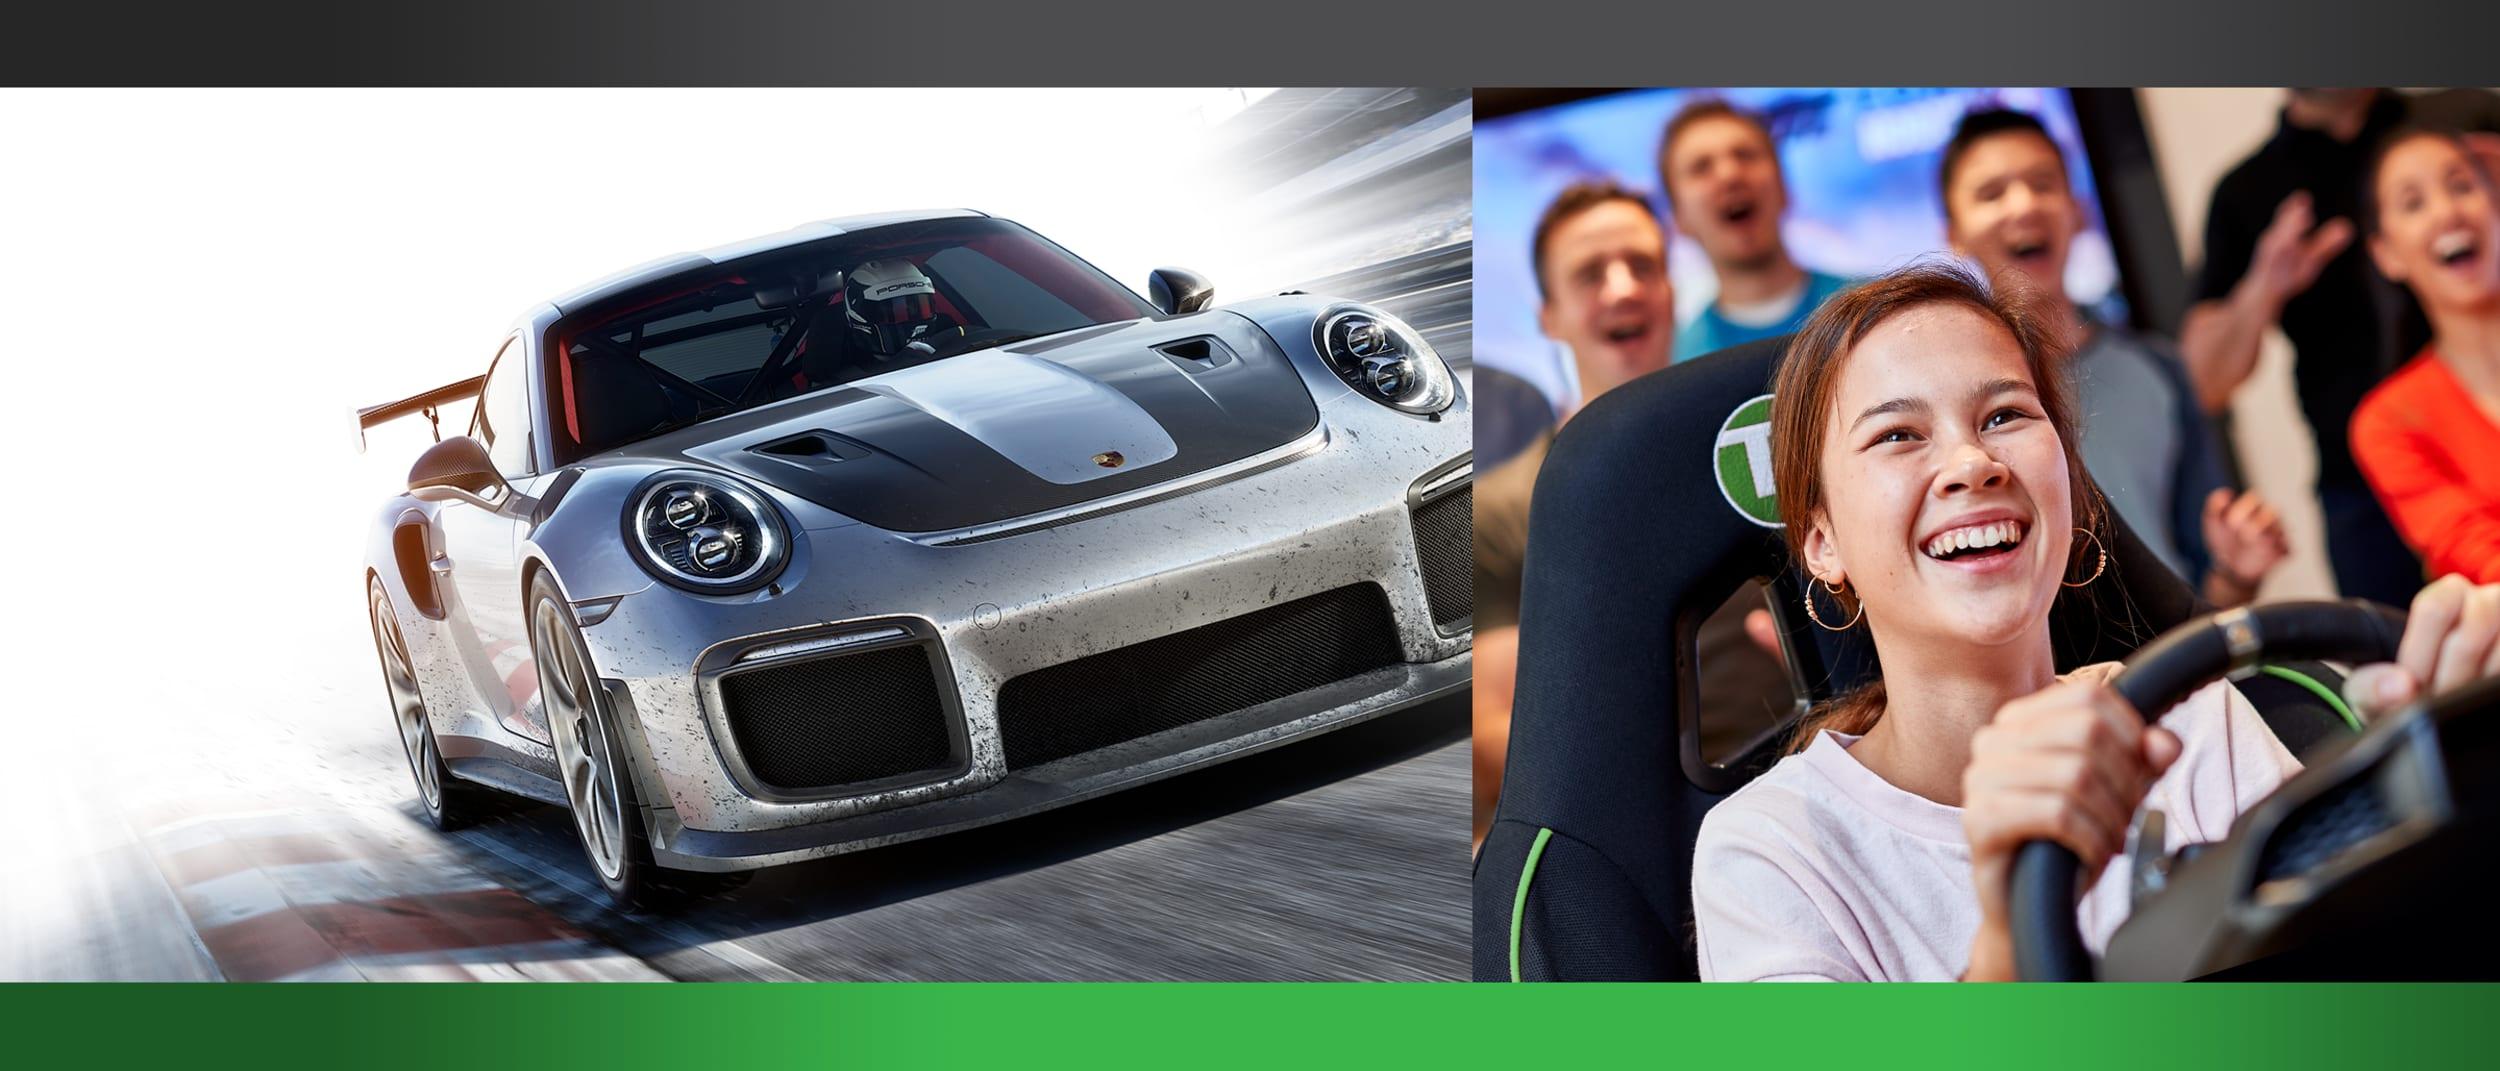 Microsoft: Forza Hot Lap challenge